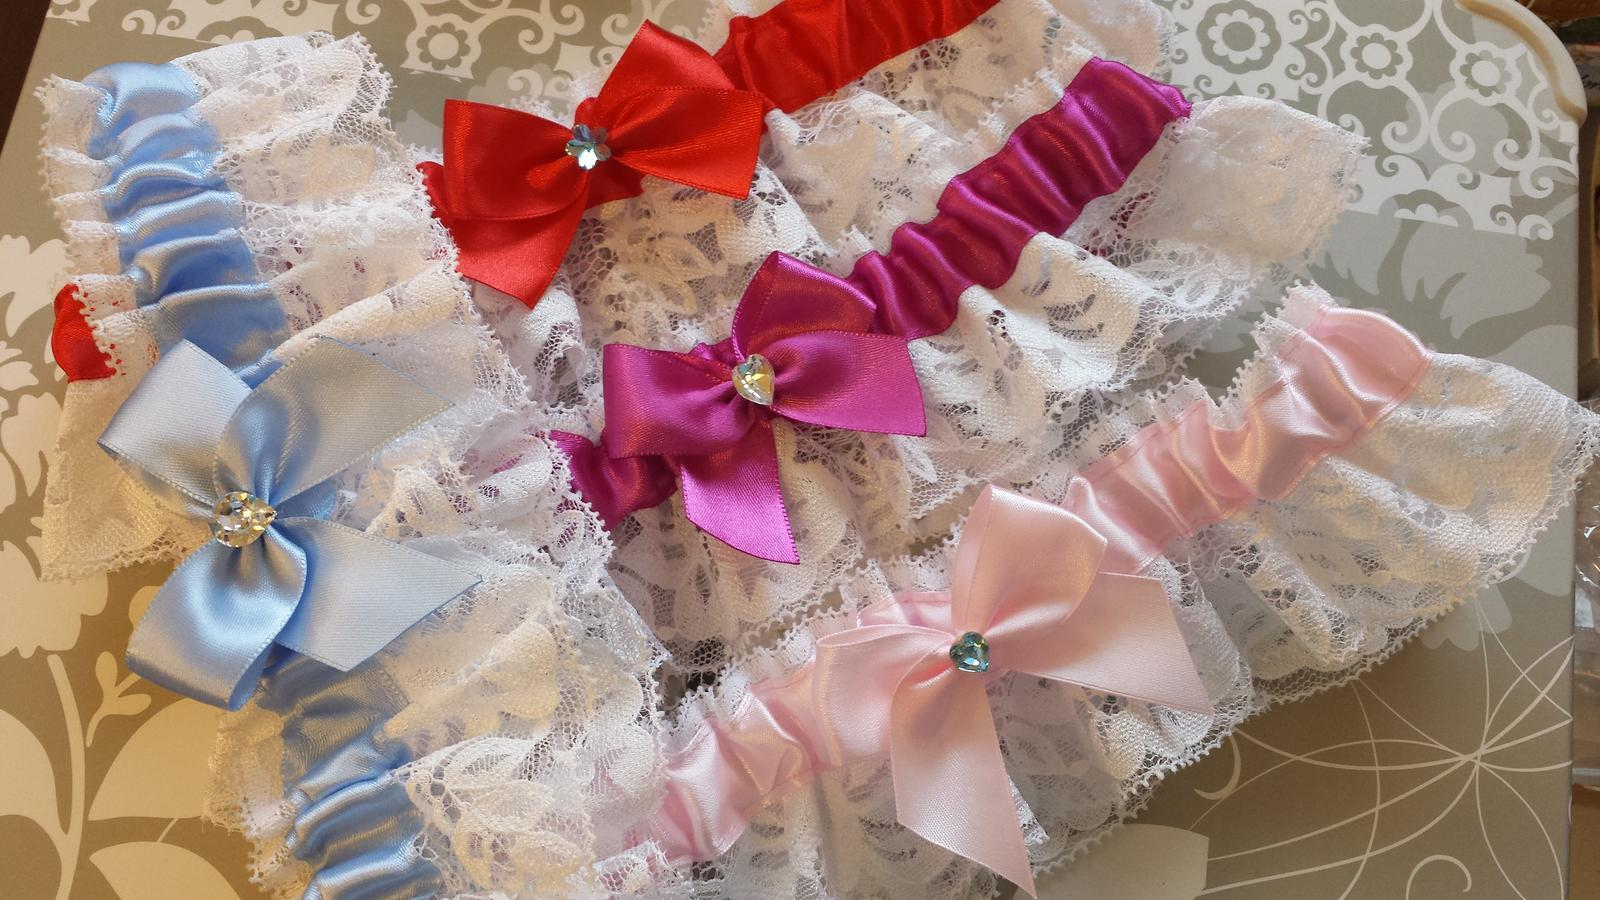 Podvazky + nově sady Swarovski podvazků - Mnoho odstínů růžové i dalších barviček.